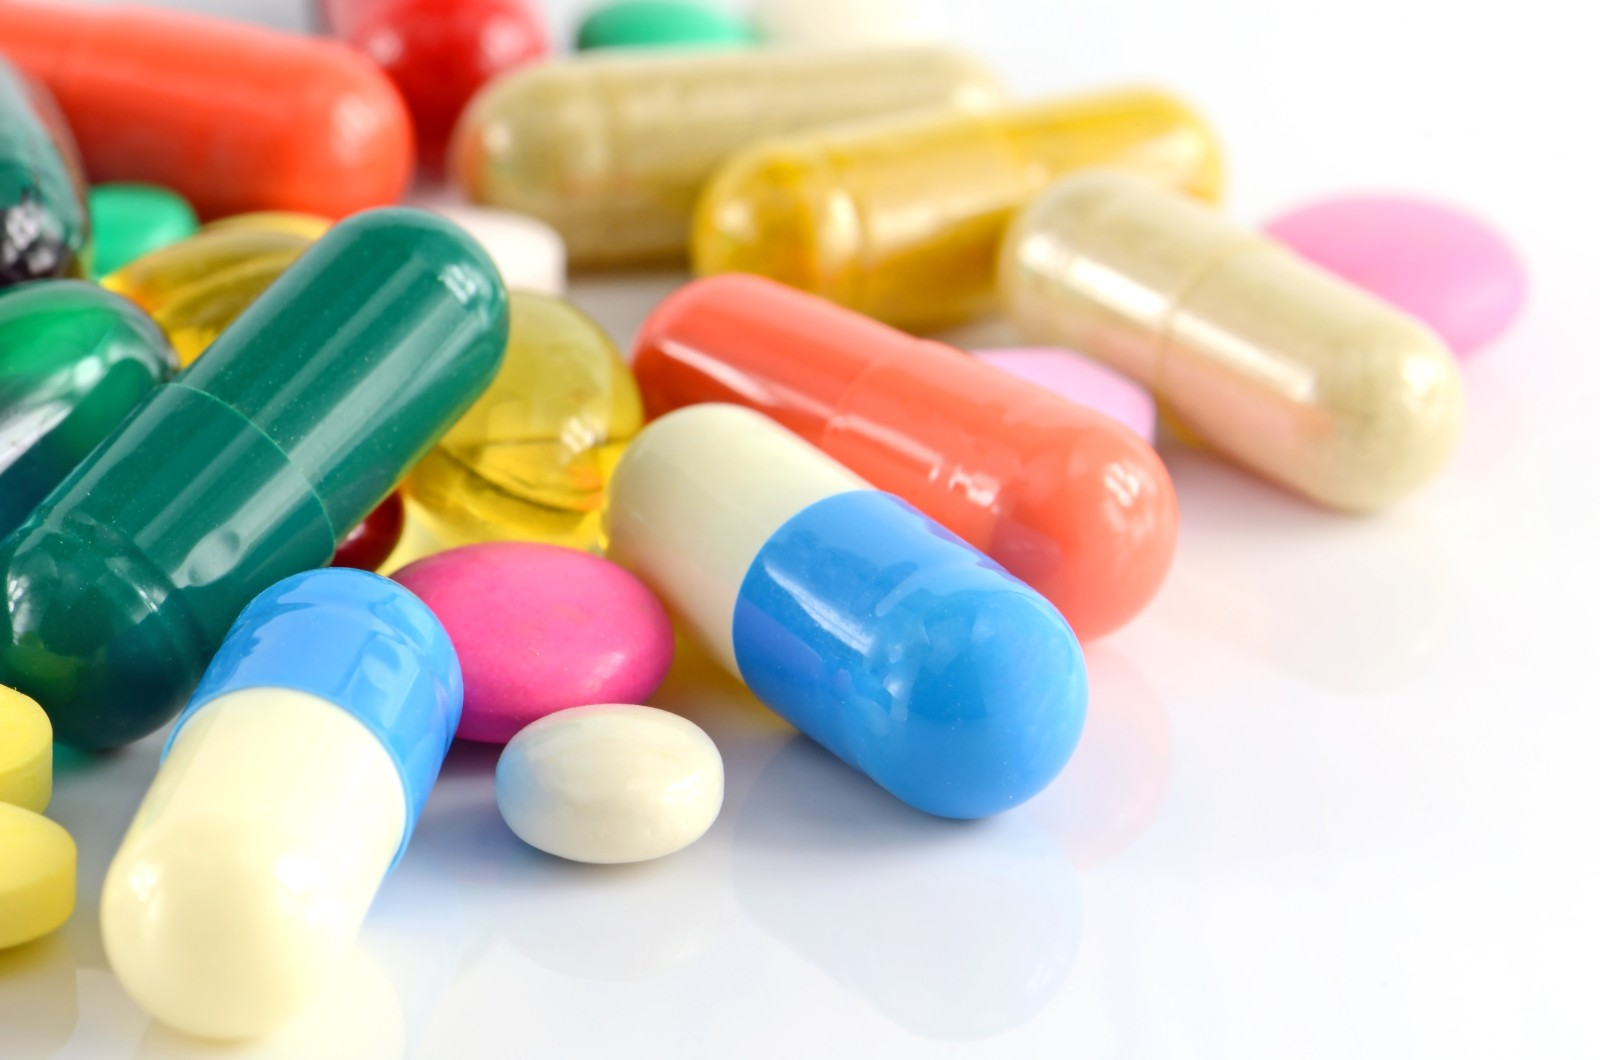 Das Viagra für die Behandlung der Impotenz